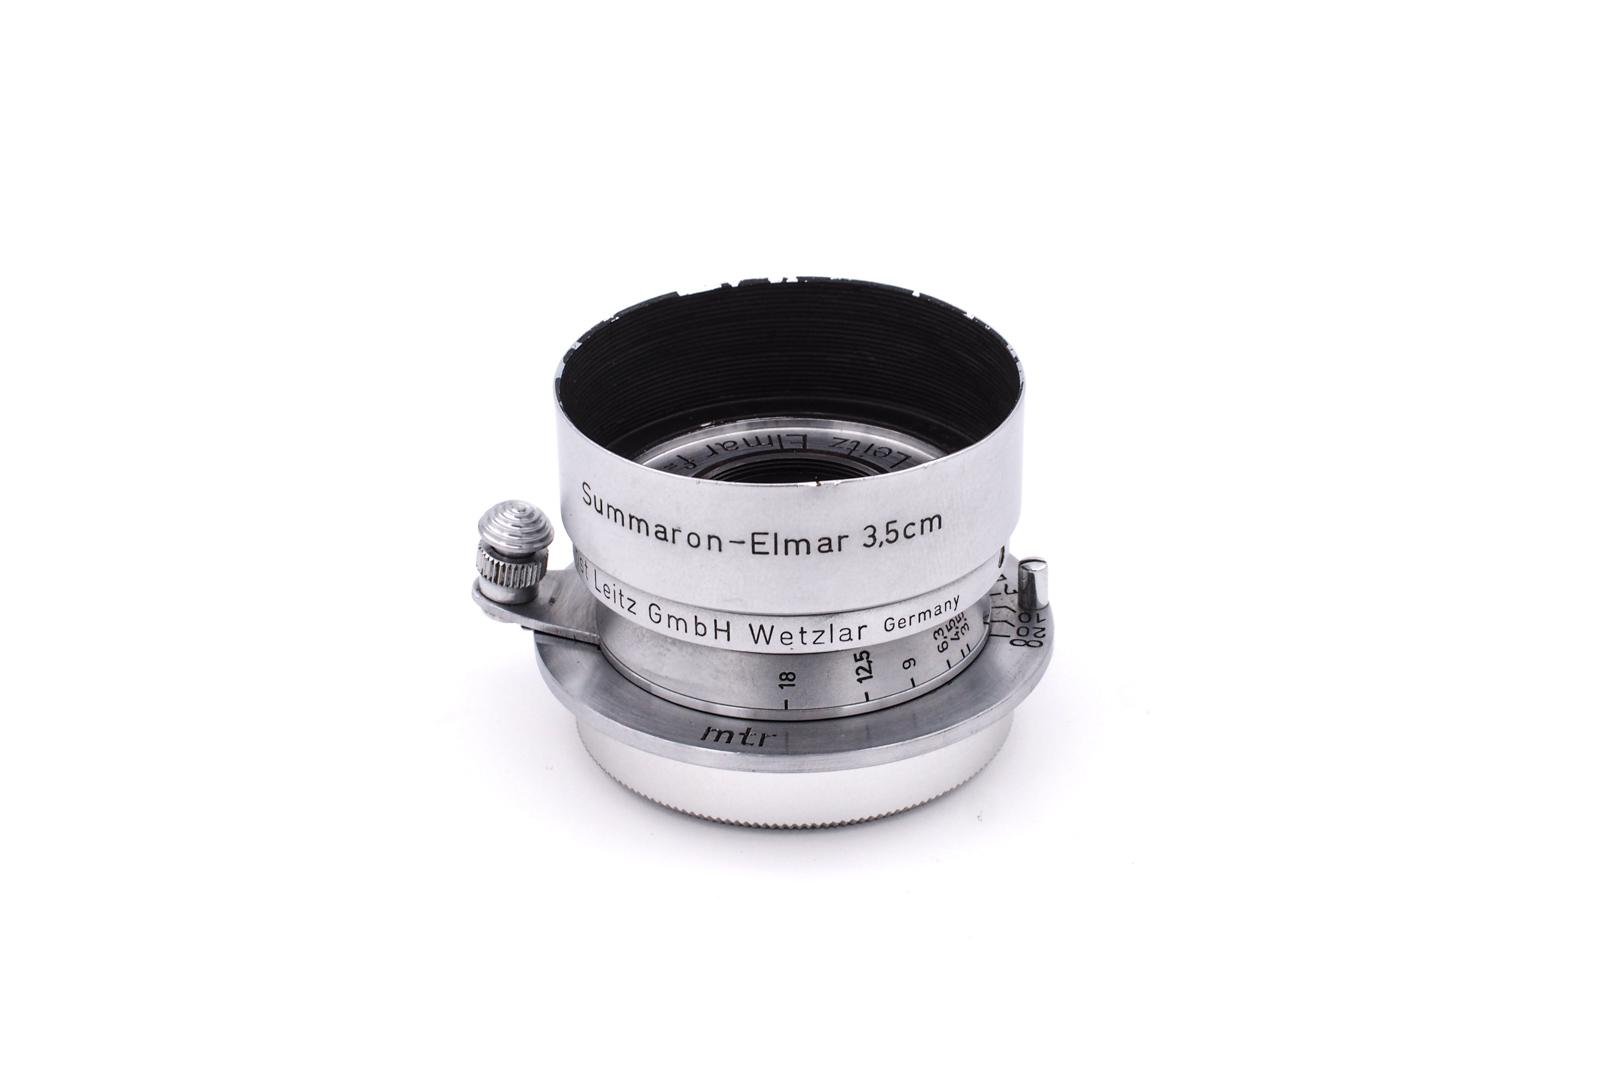 Leitz Elmar 1:3.5/3.5cm chrome